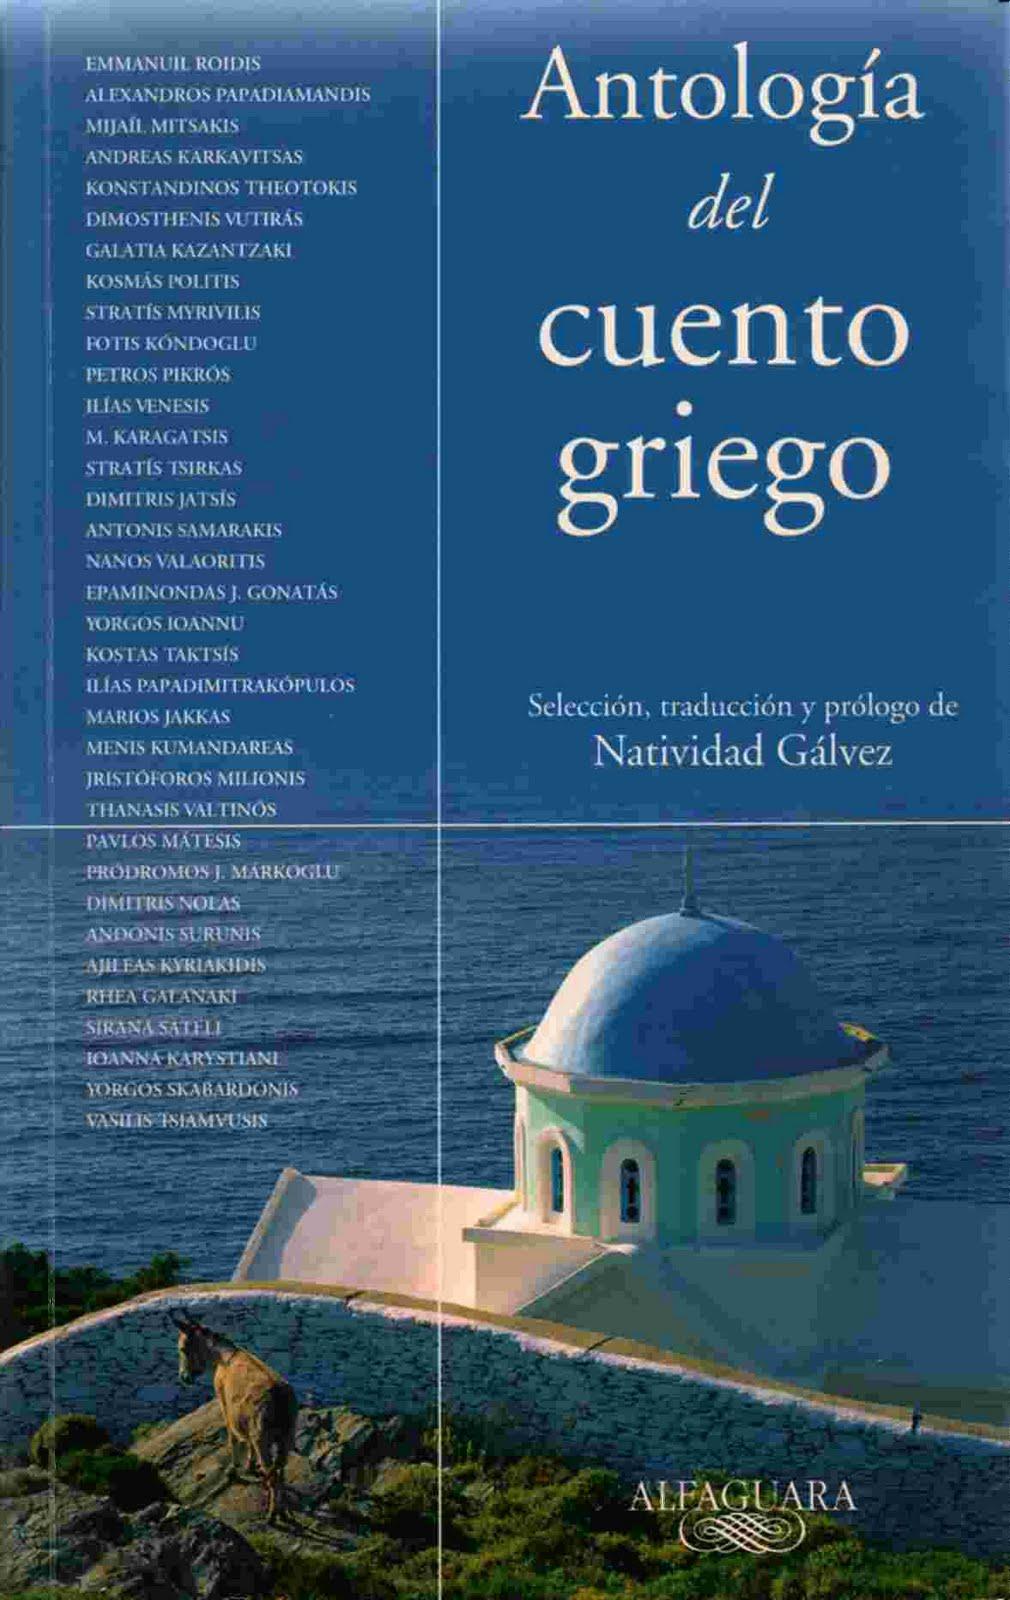 Antologia del cuento griego